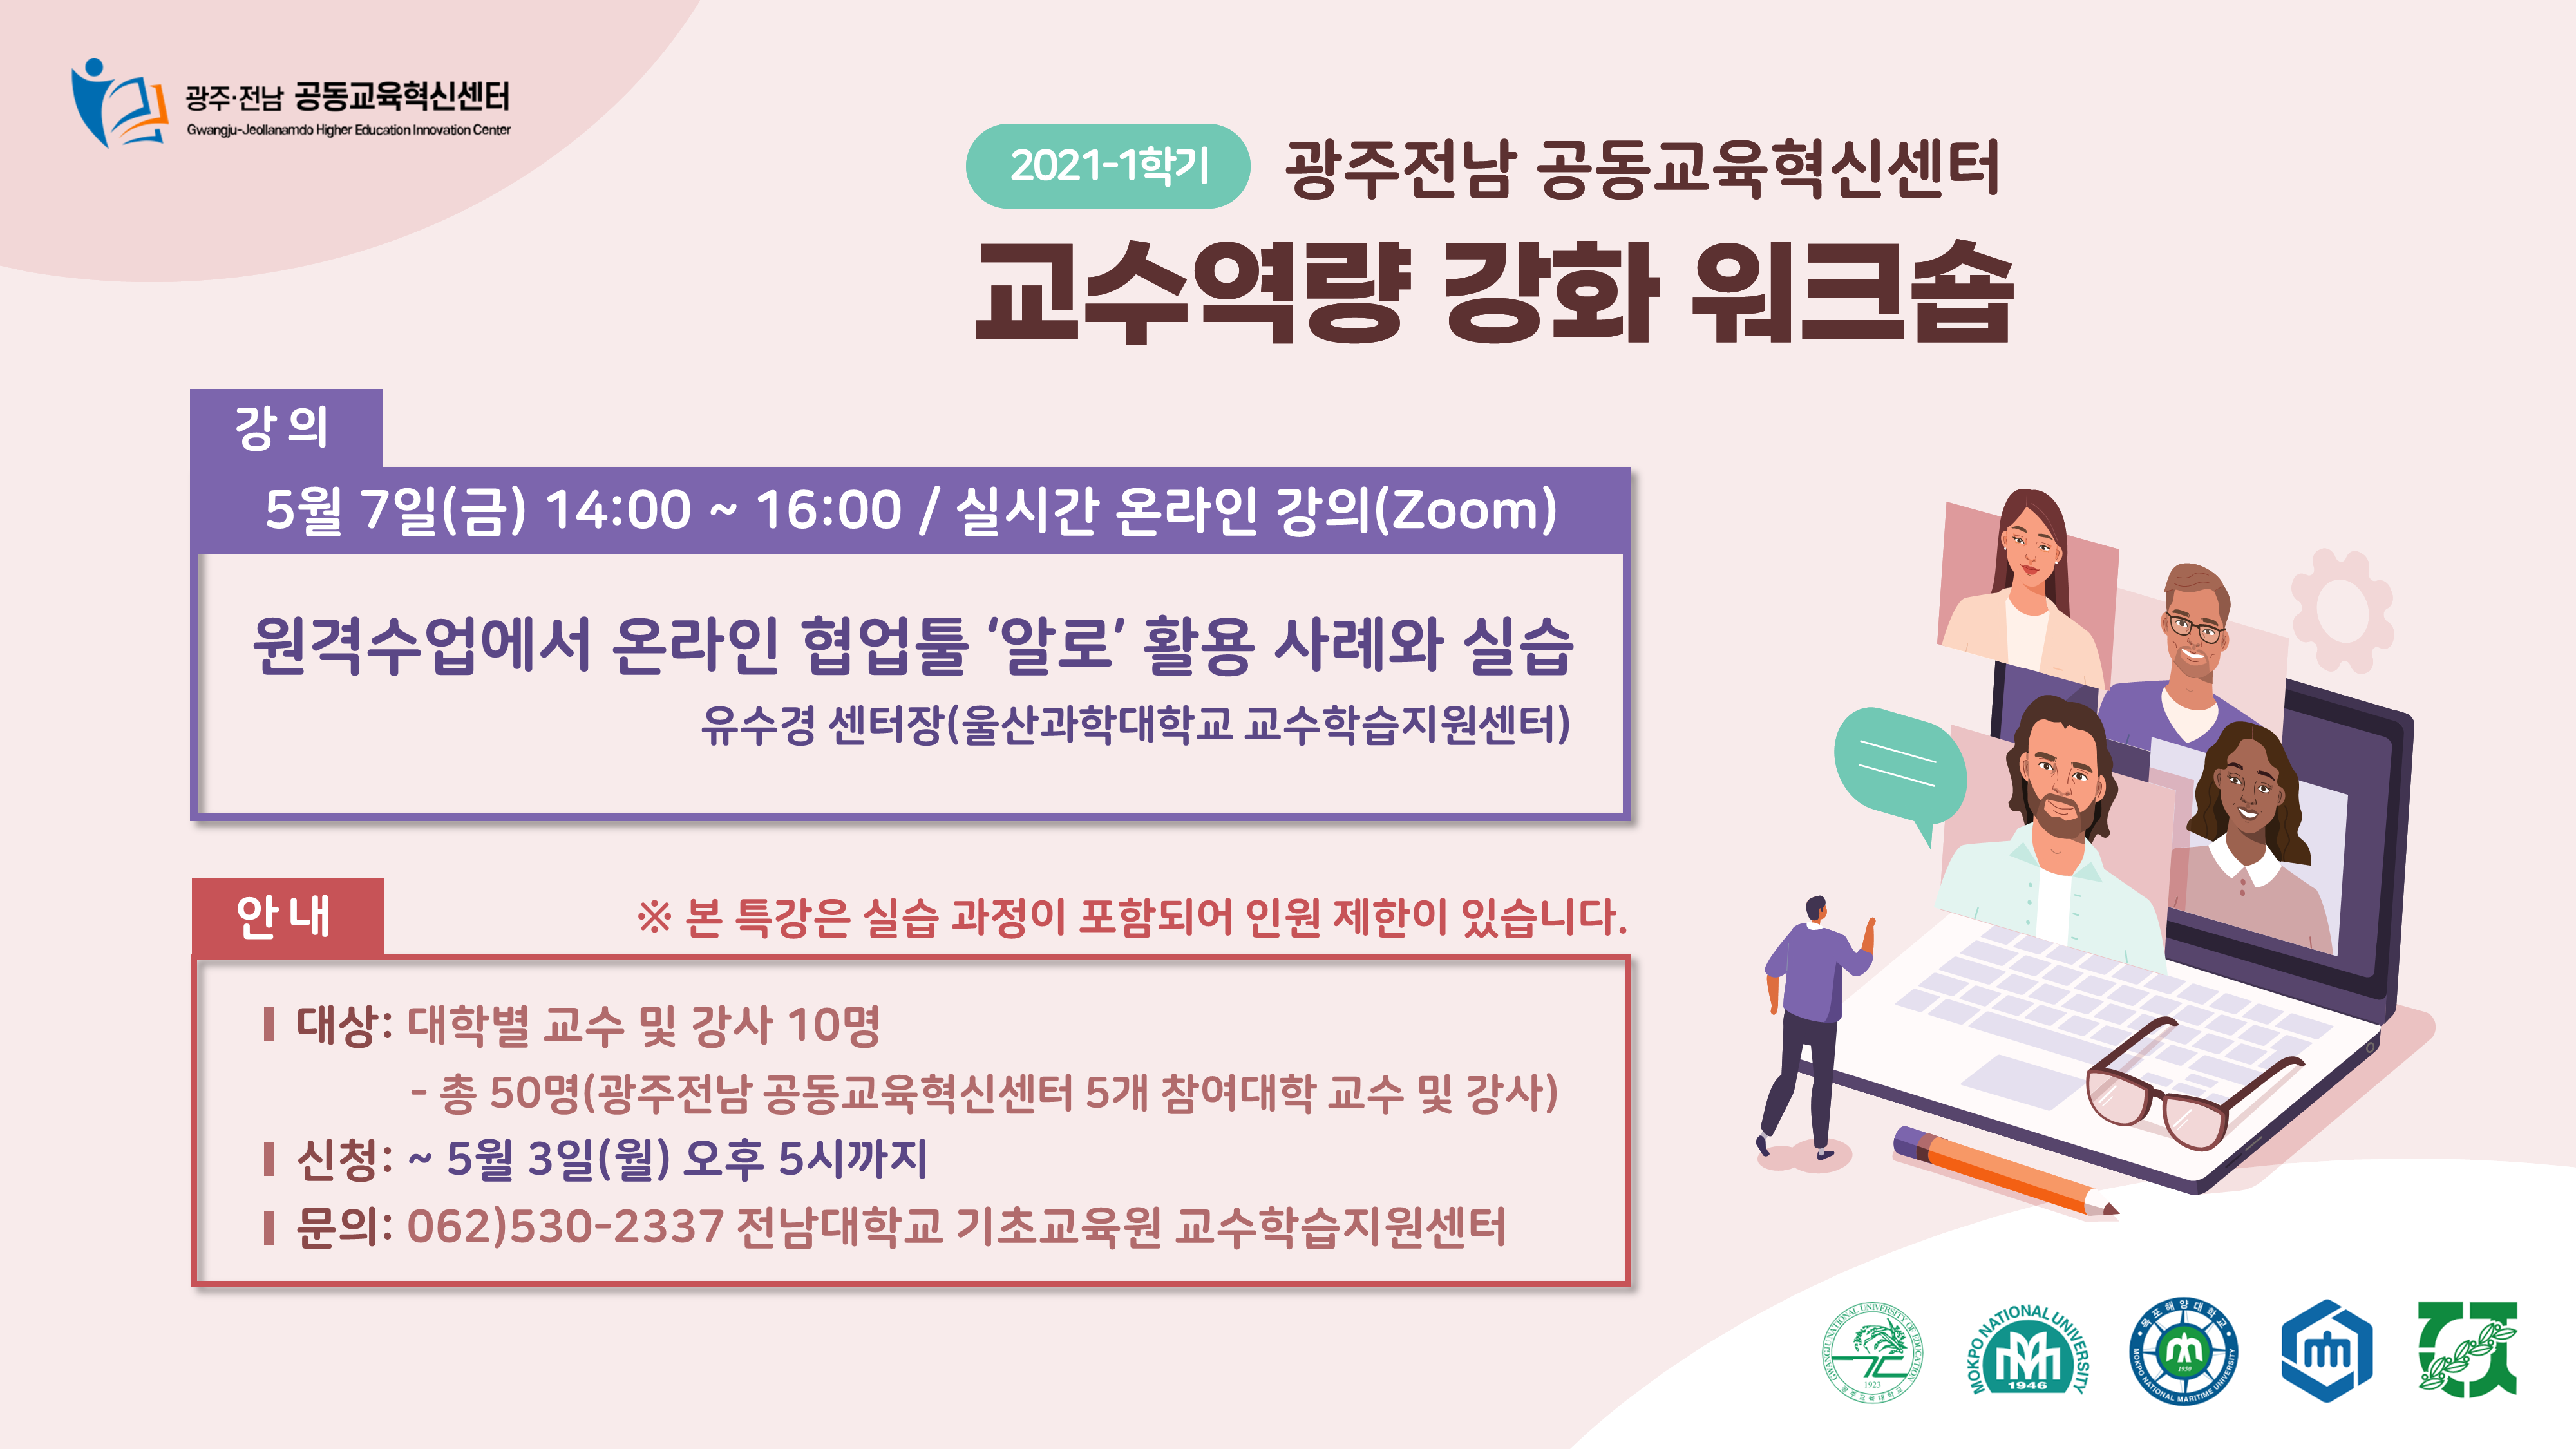 2021학년도 광주전남 공동교육혁신센터 교수역량 강화 워크숍 웹포스터.png